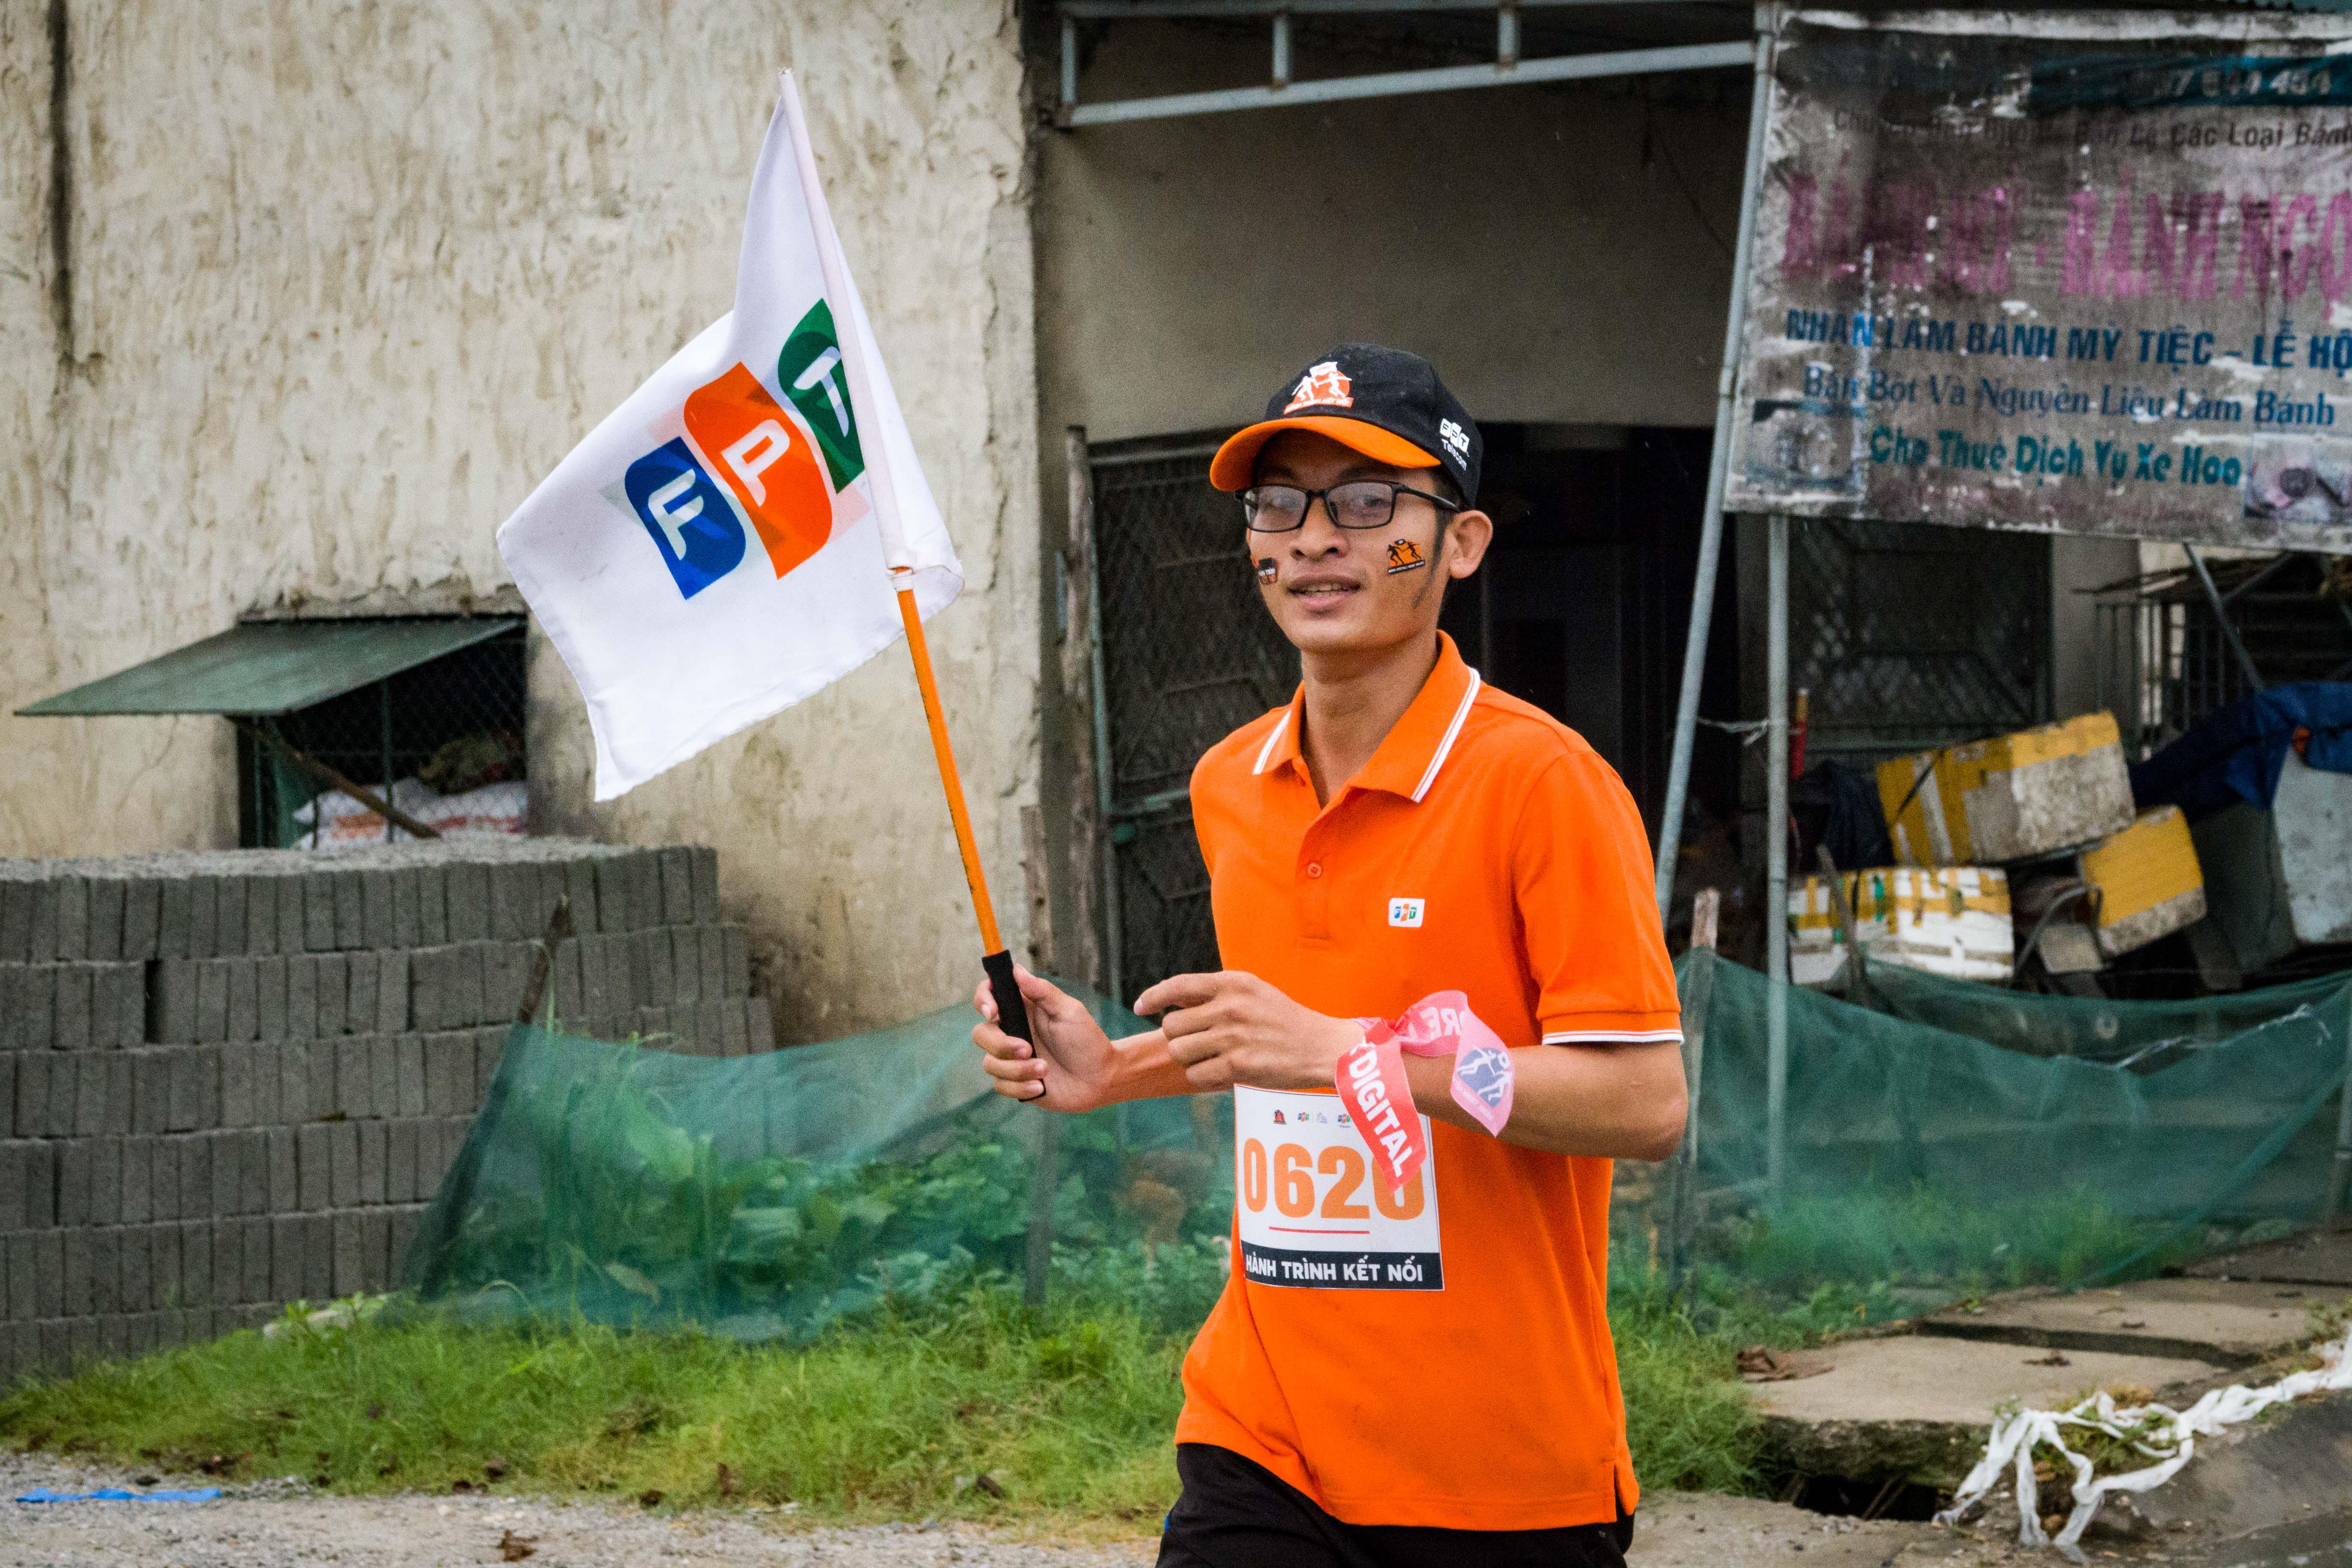 """Anh Đậu Đức Phong, số thứ tự 620, bộc bạch: """"Anh em chúng tôi đã có thời gian chuẩn bị cả tháng trời nên một chút mưa không làm ảnh hưởng đến tinh thần""""."""